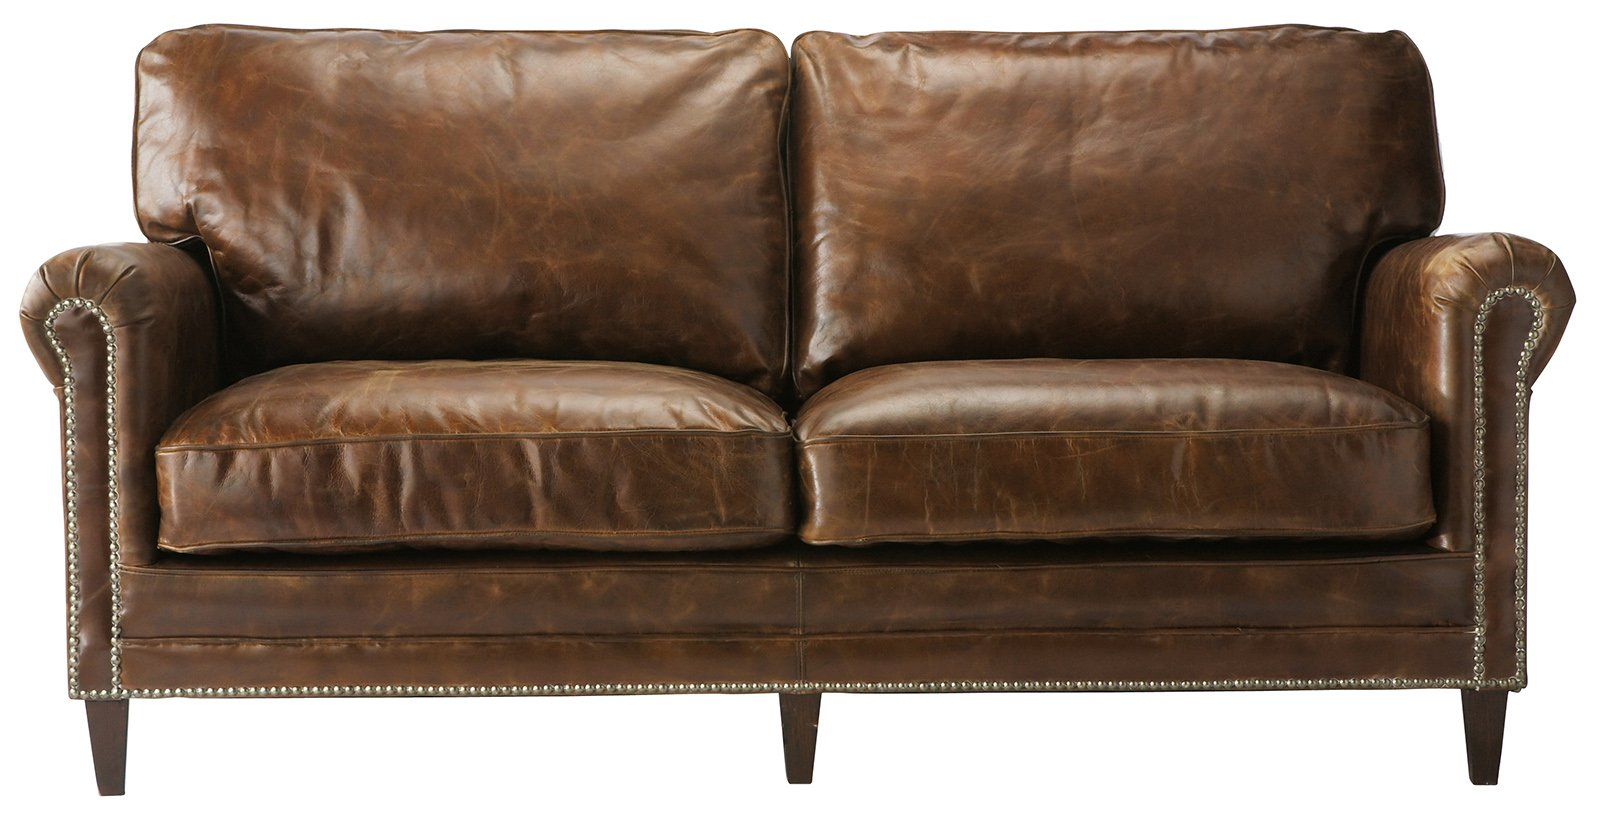 Divano letto antico prezzi : divano letto angolare su misura ...